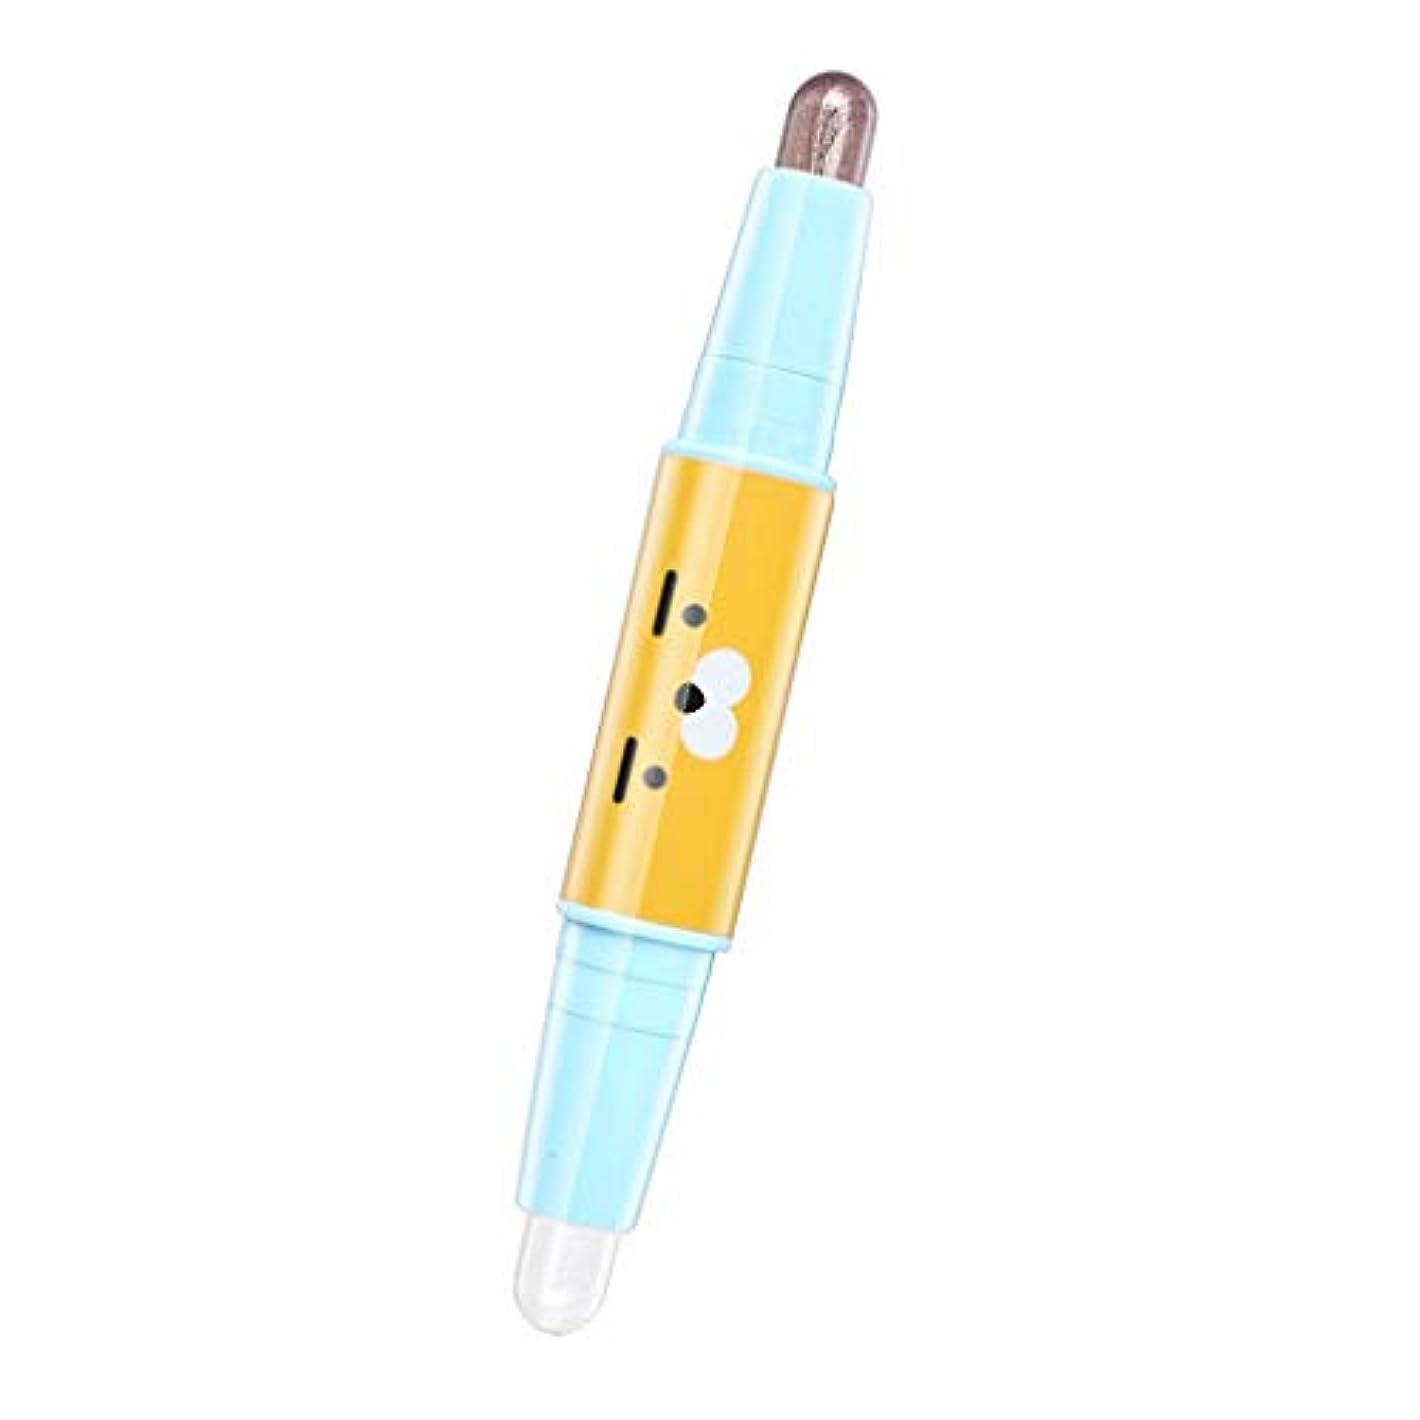 本物の自由不機嫌DYNWAVE 女性 アイシャドー アイシャドウ アイシャドウスティック アイシャドウペン キラキラ 防水 全6色 - 05